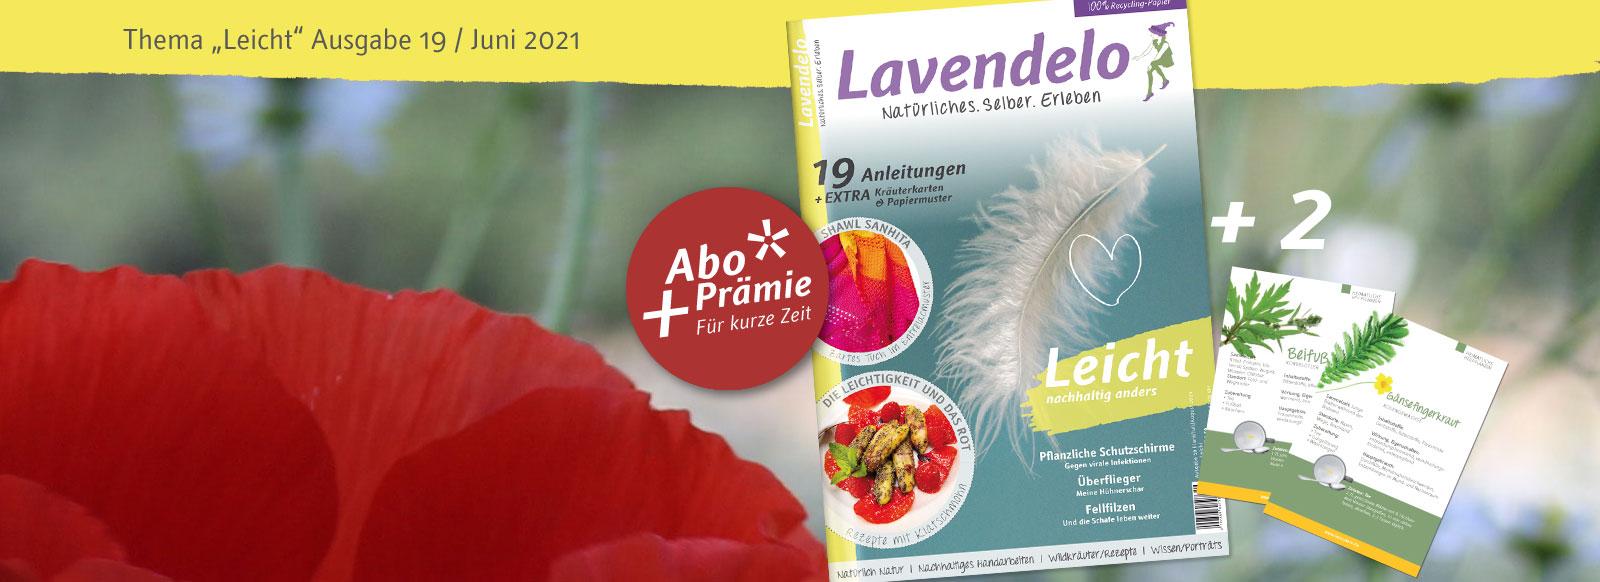 Lavendelo Sommer 2021